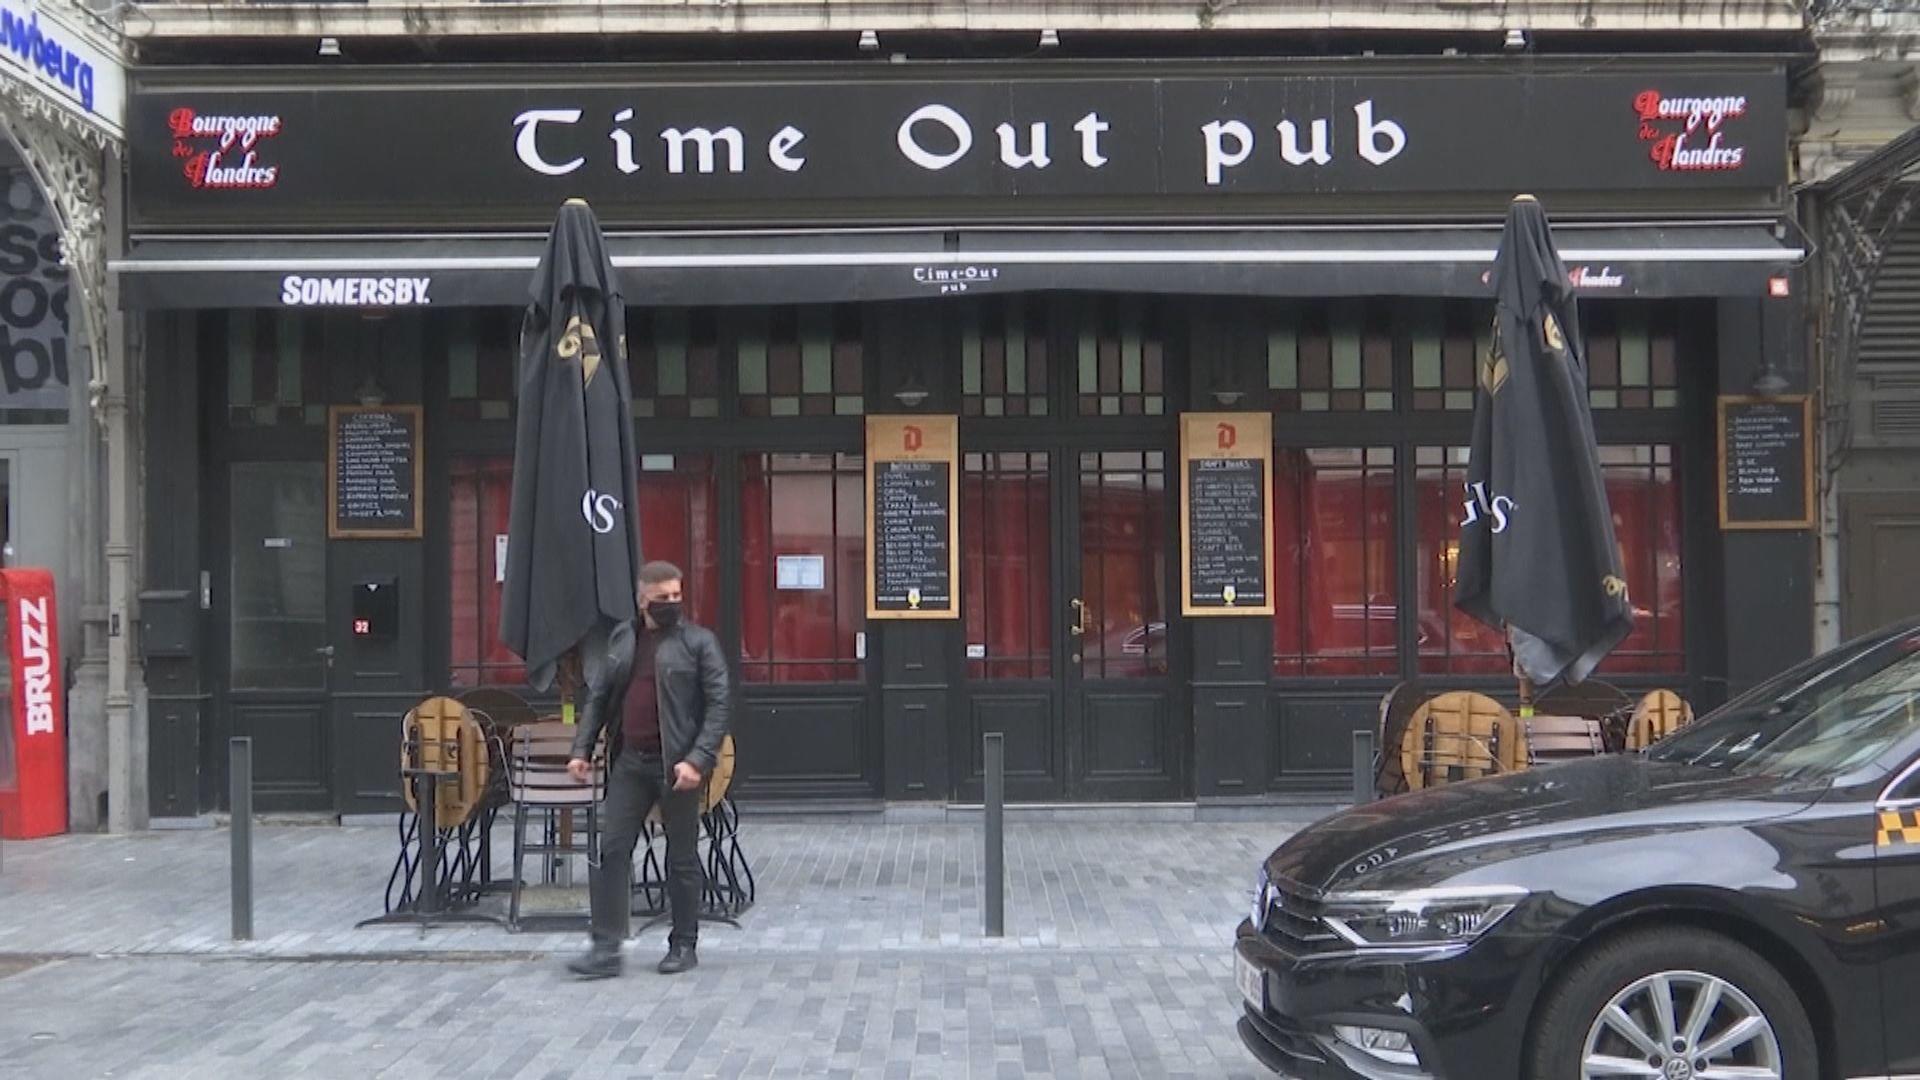 比利時因應疫情實施宵禁和關閉餐廳一個月